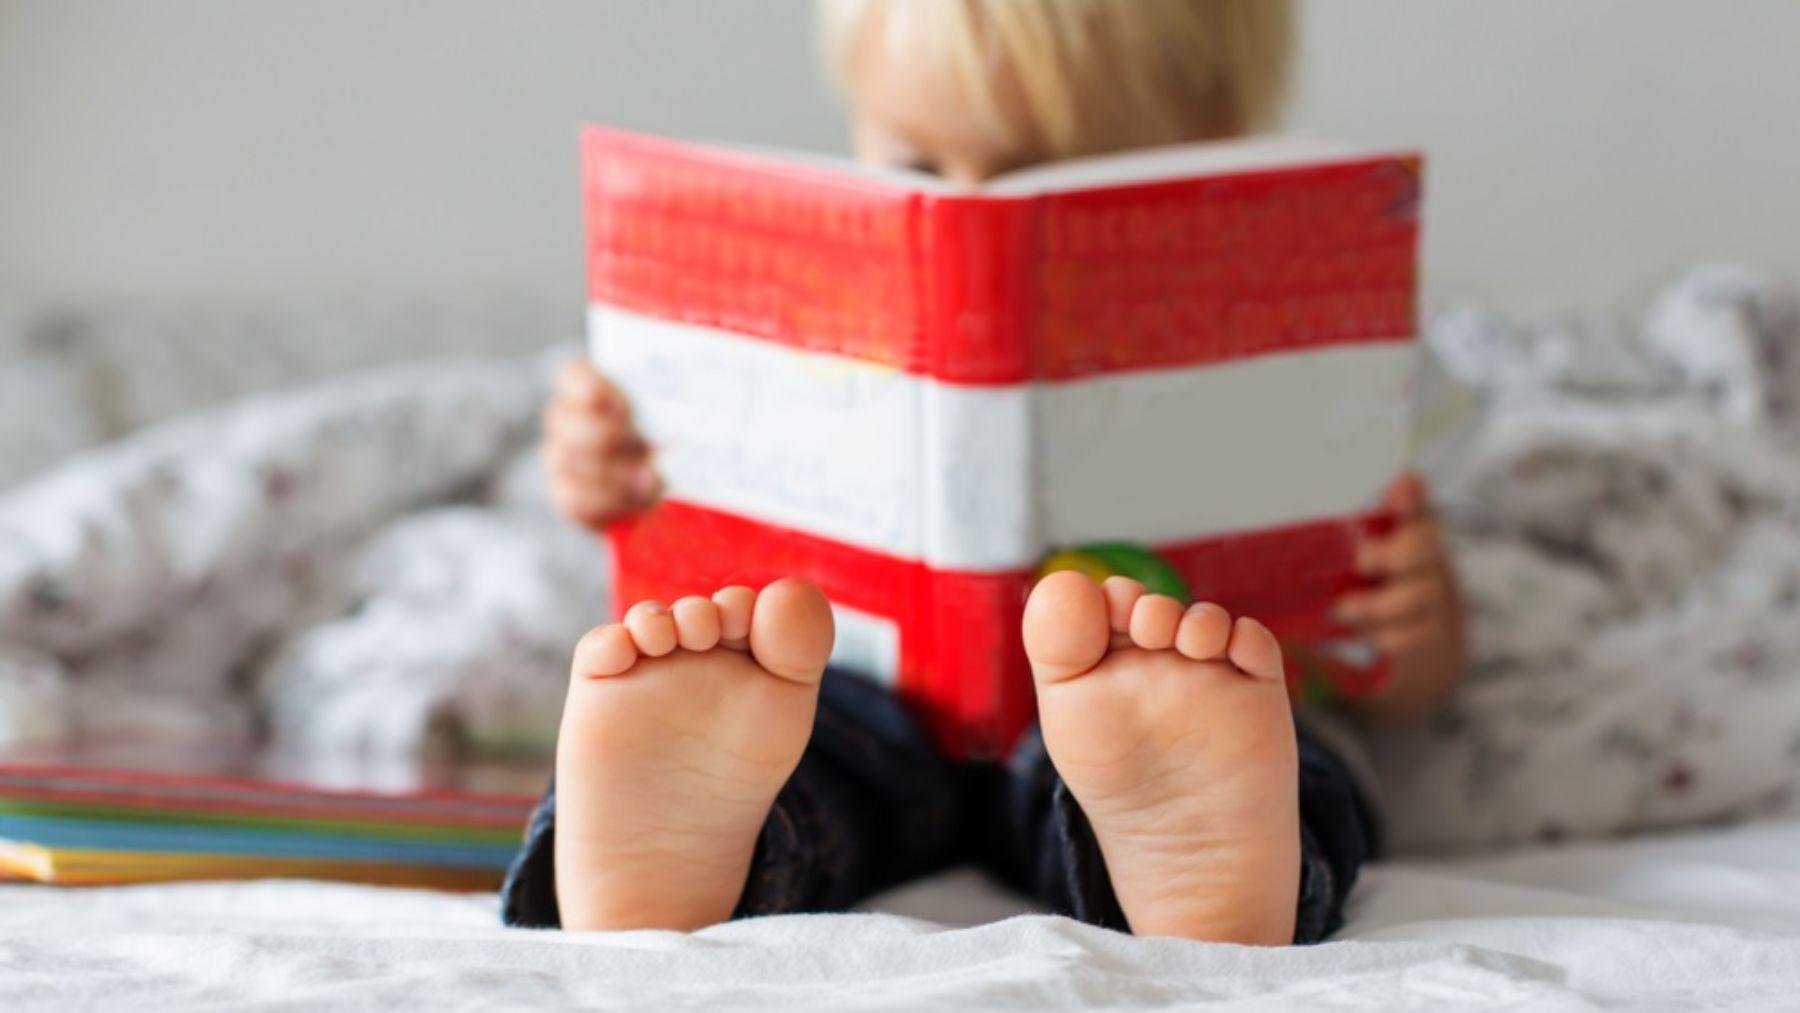 Descubre los cuentos que ayudarán a los niños con la vuelta al cole